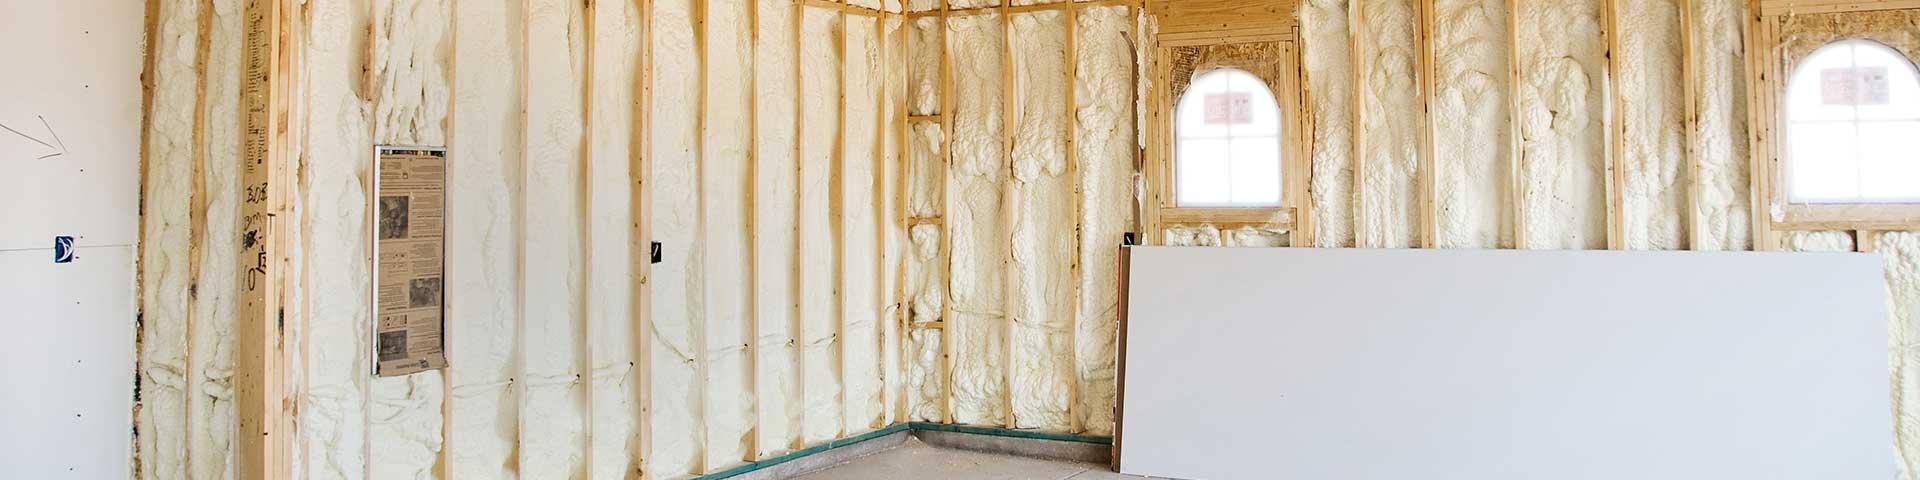 ocieplenie pianką poliuretanową domu drewnianego od wewnątrz